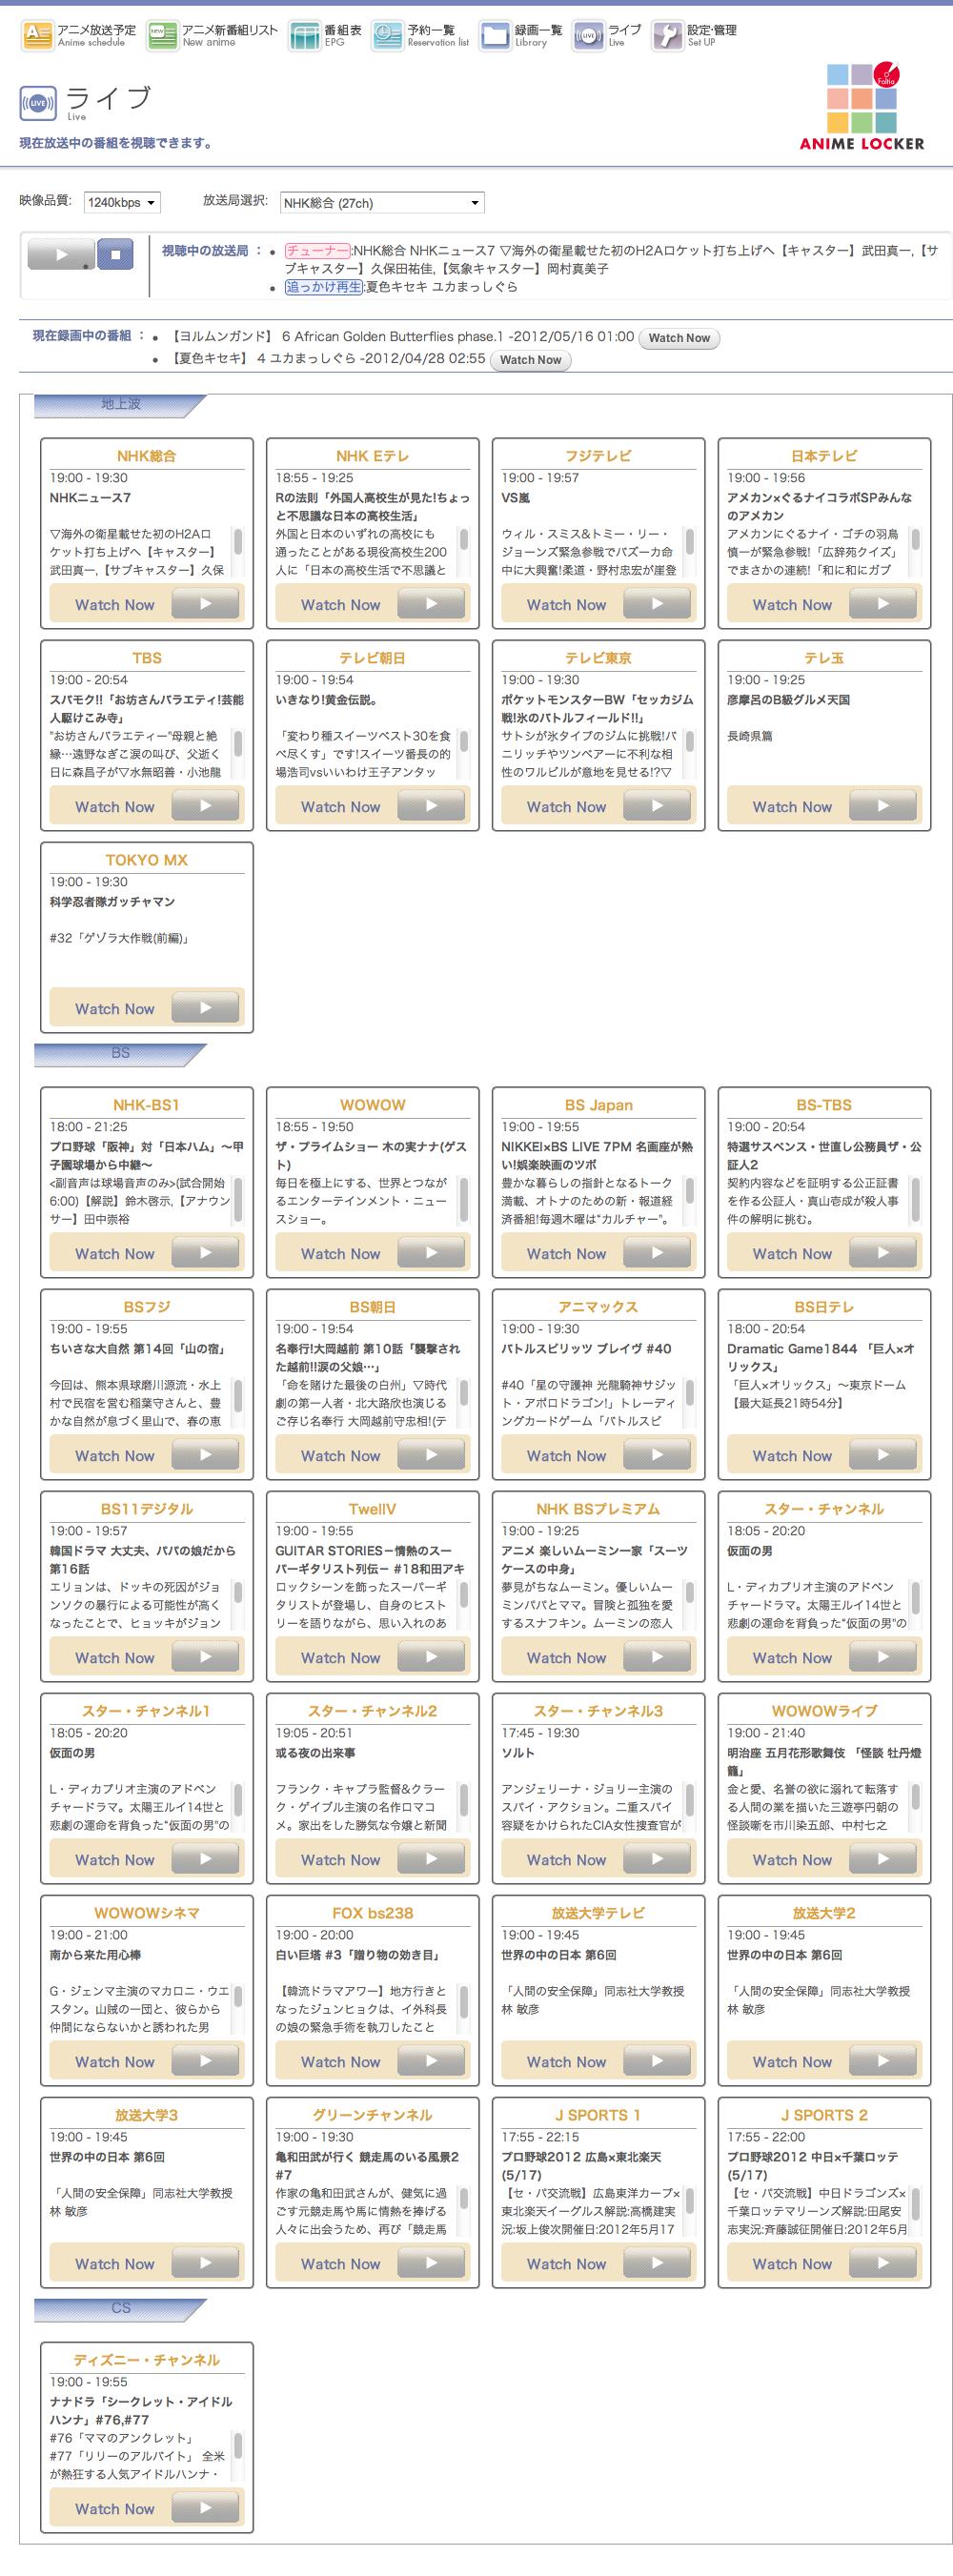 変換 iphone mp4 Hls